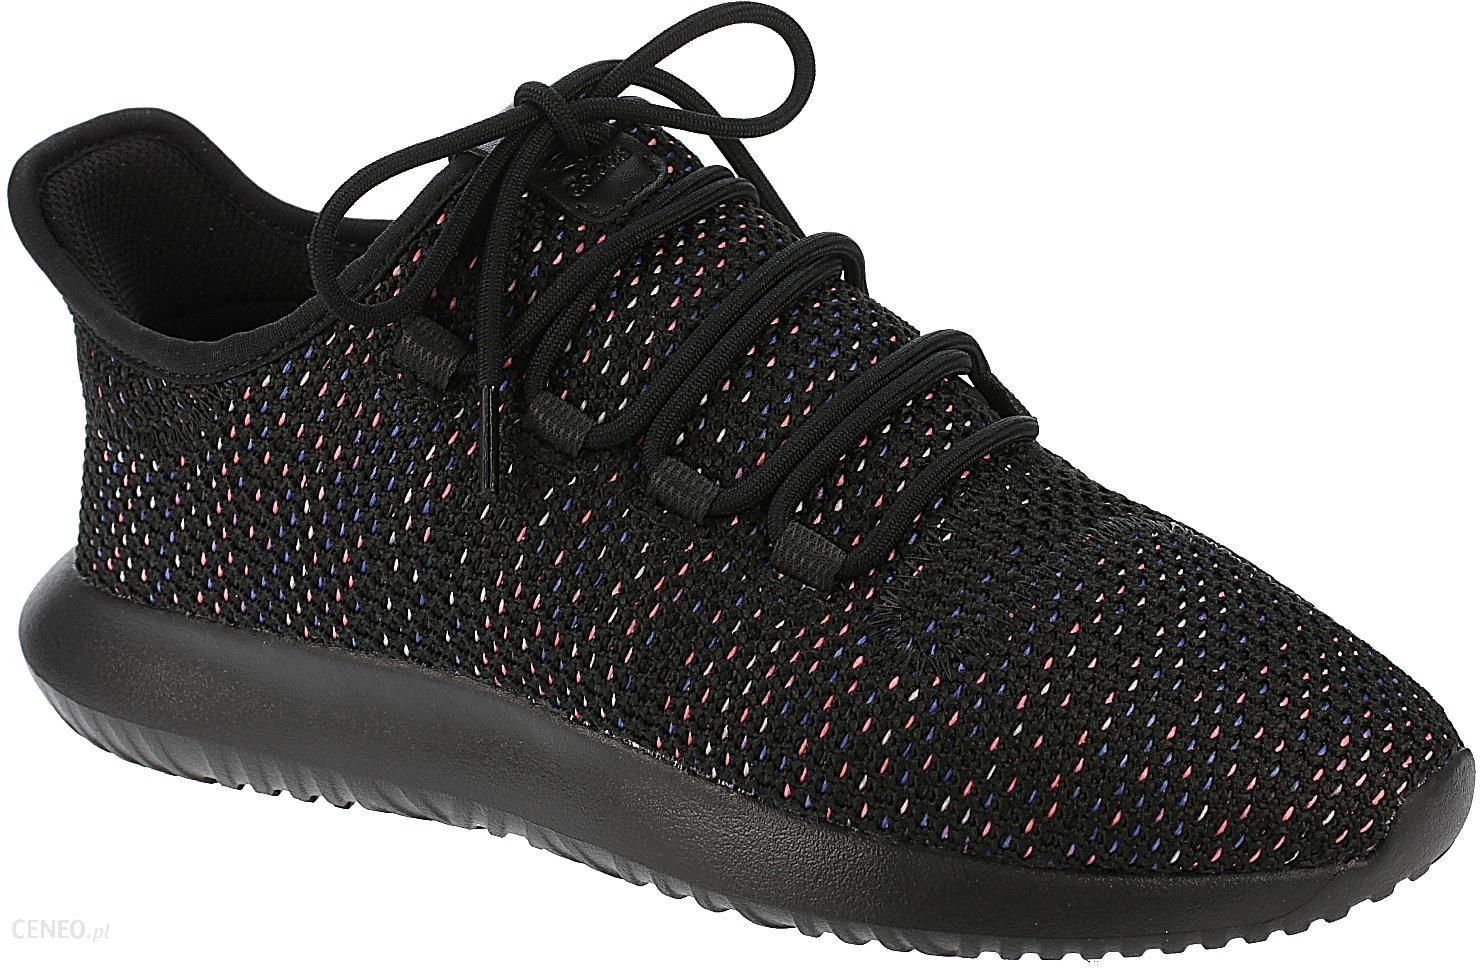 Męskie Sandały Sportowe ADIDAS 44 buty markowe Zdjęcie